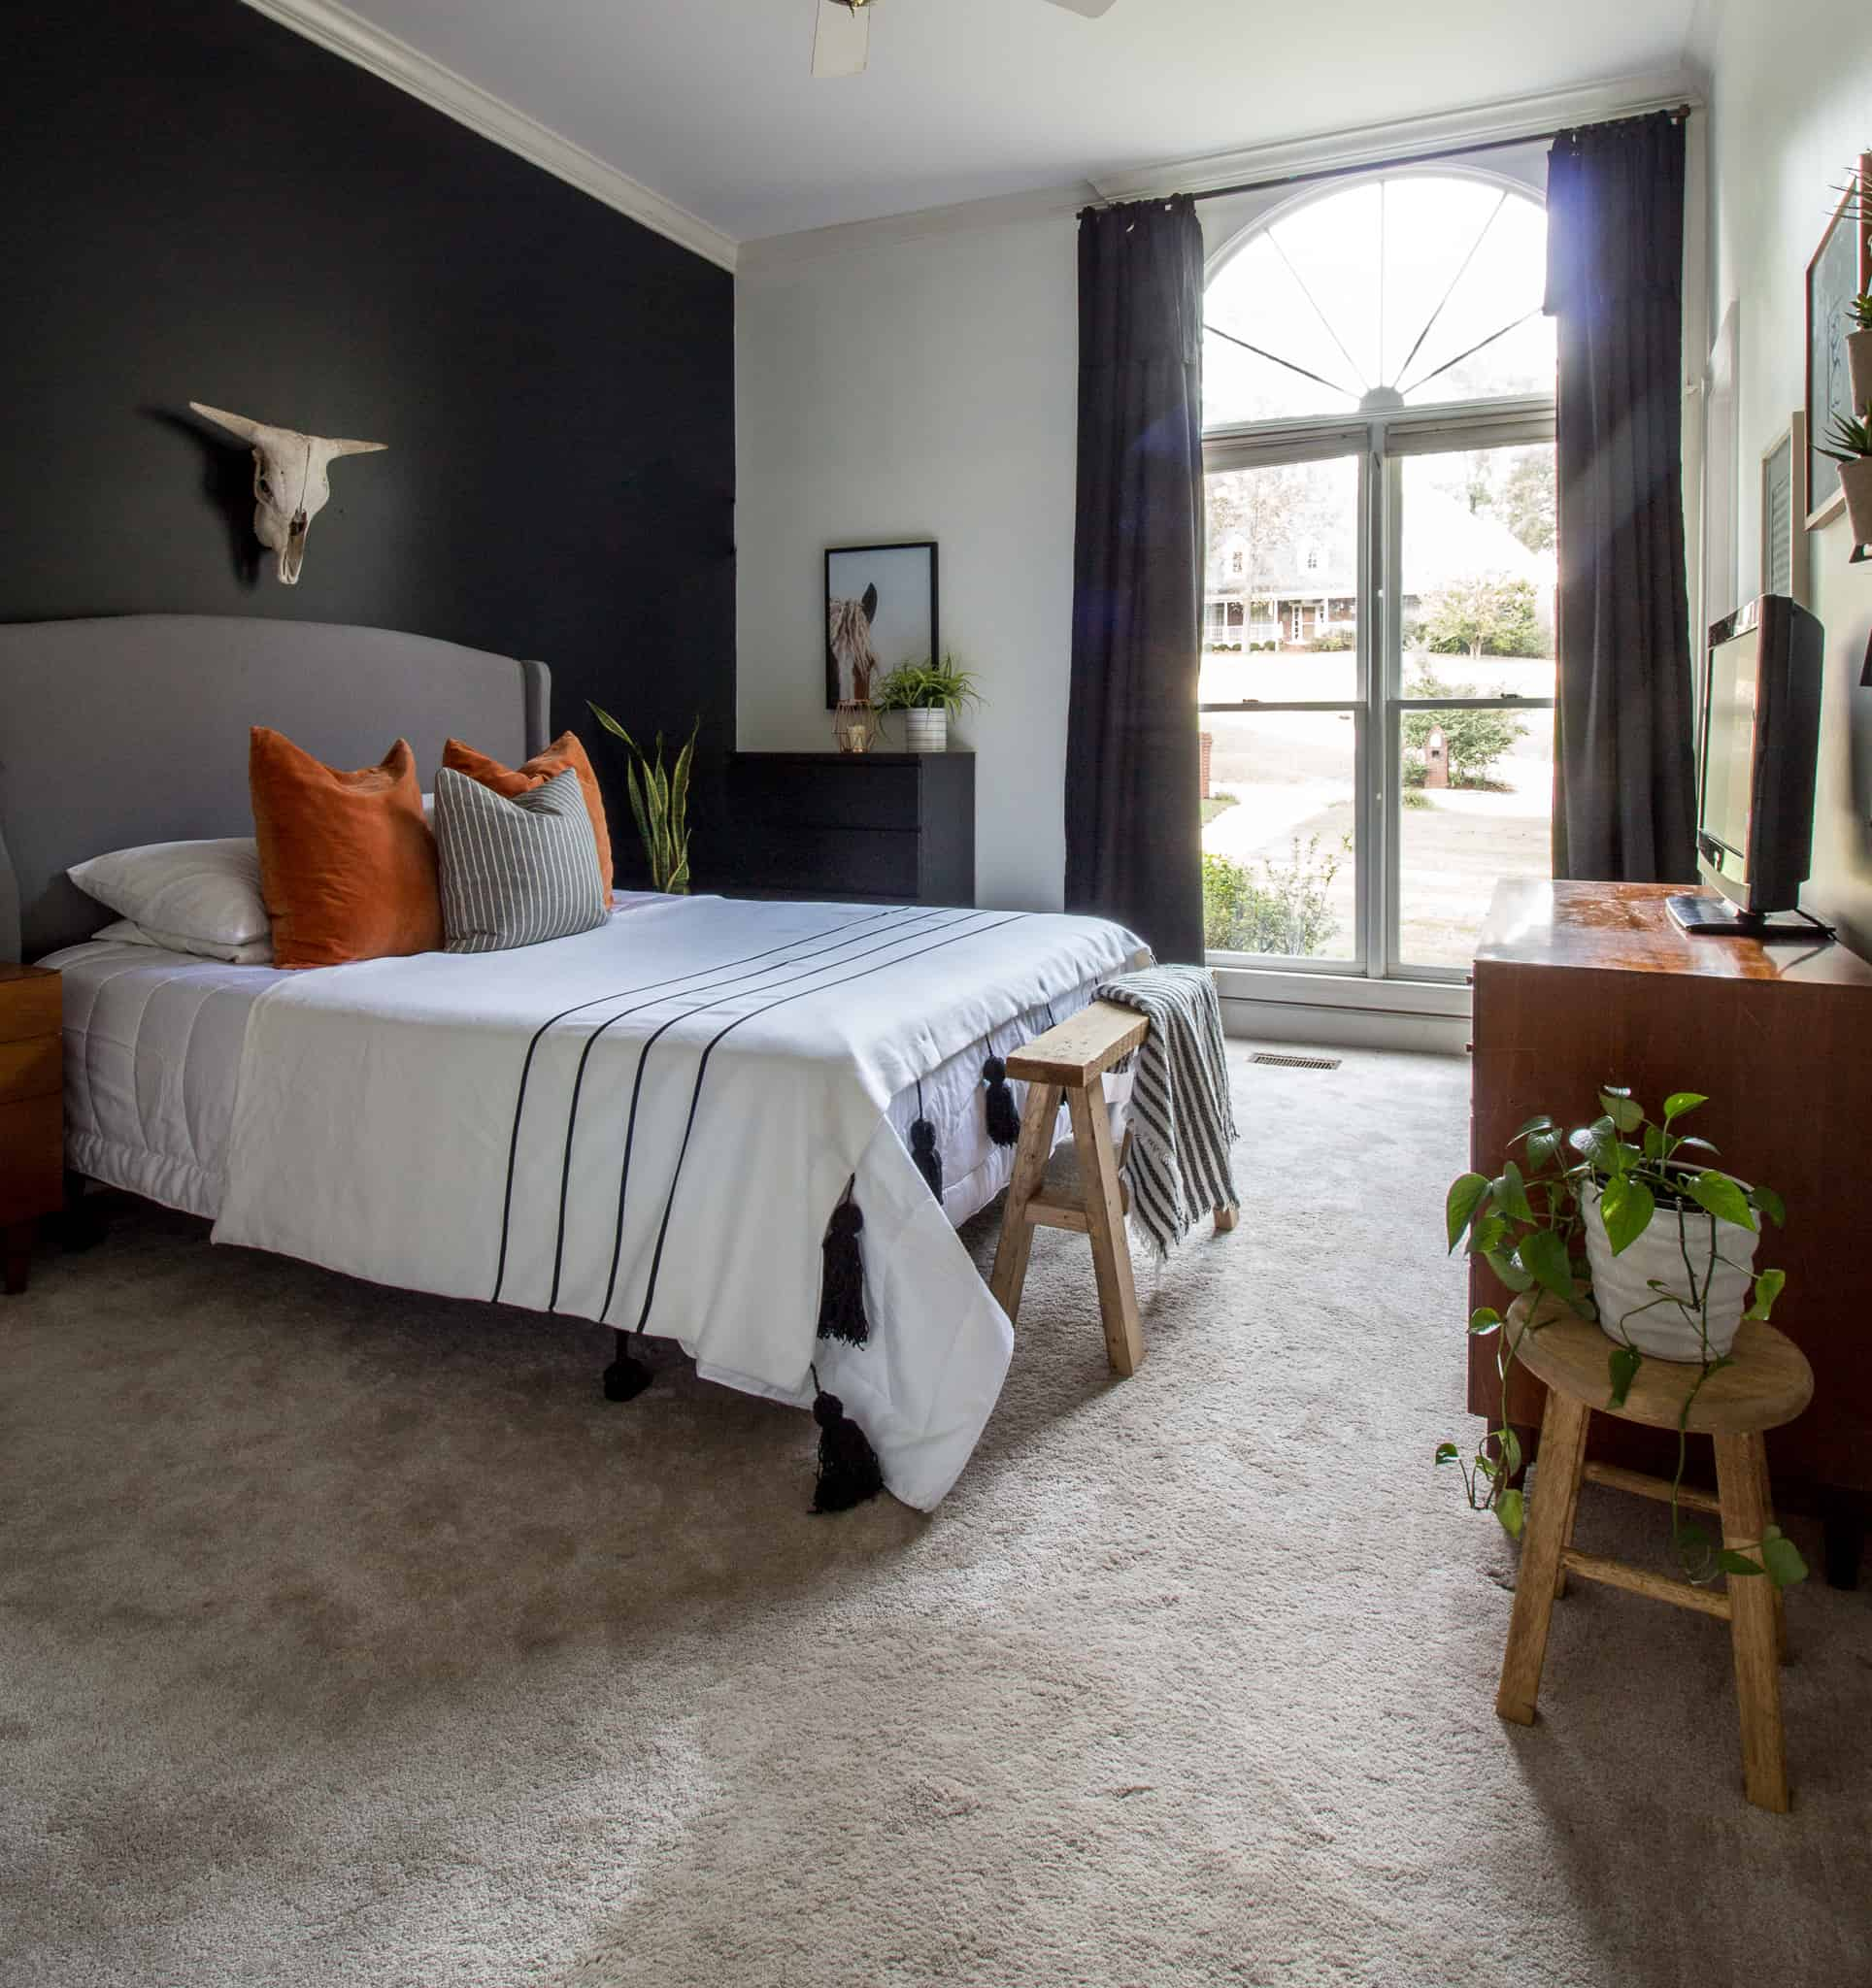 Bedroom Makeover for under $100